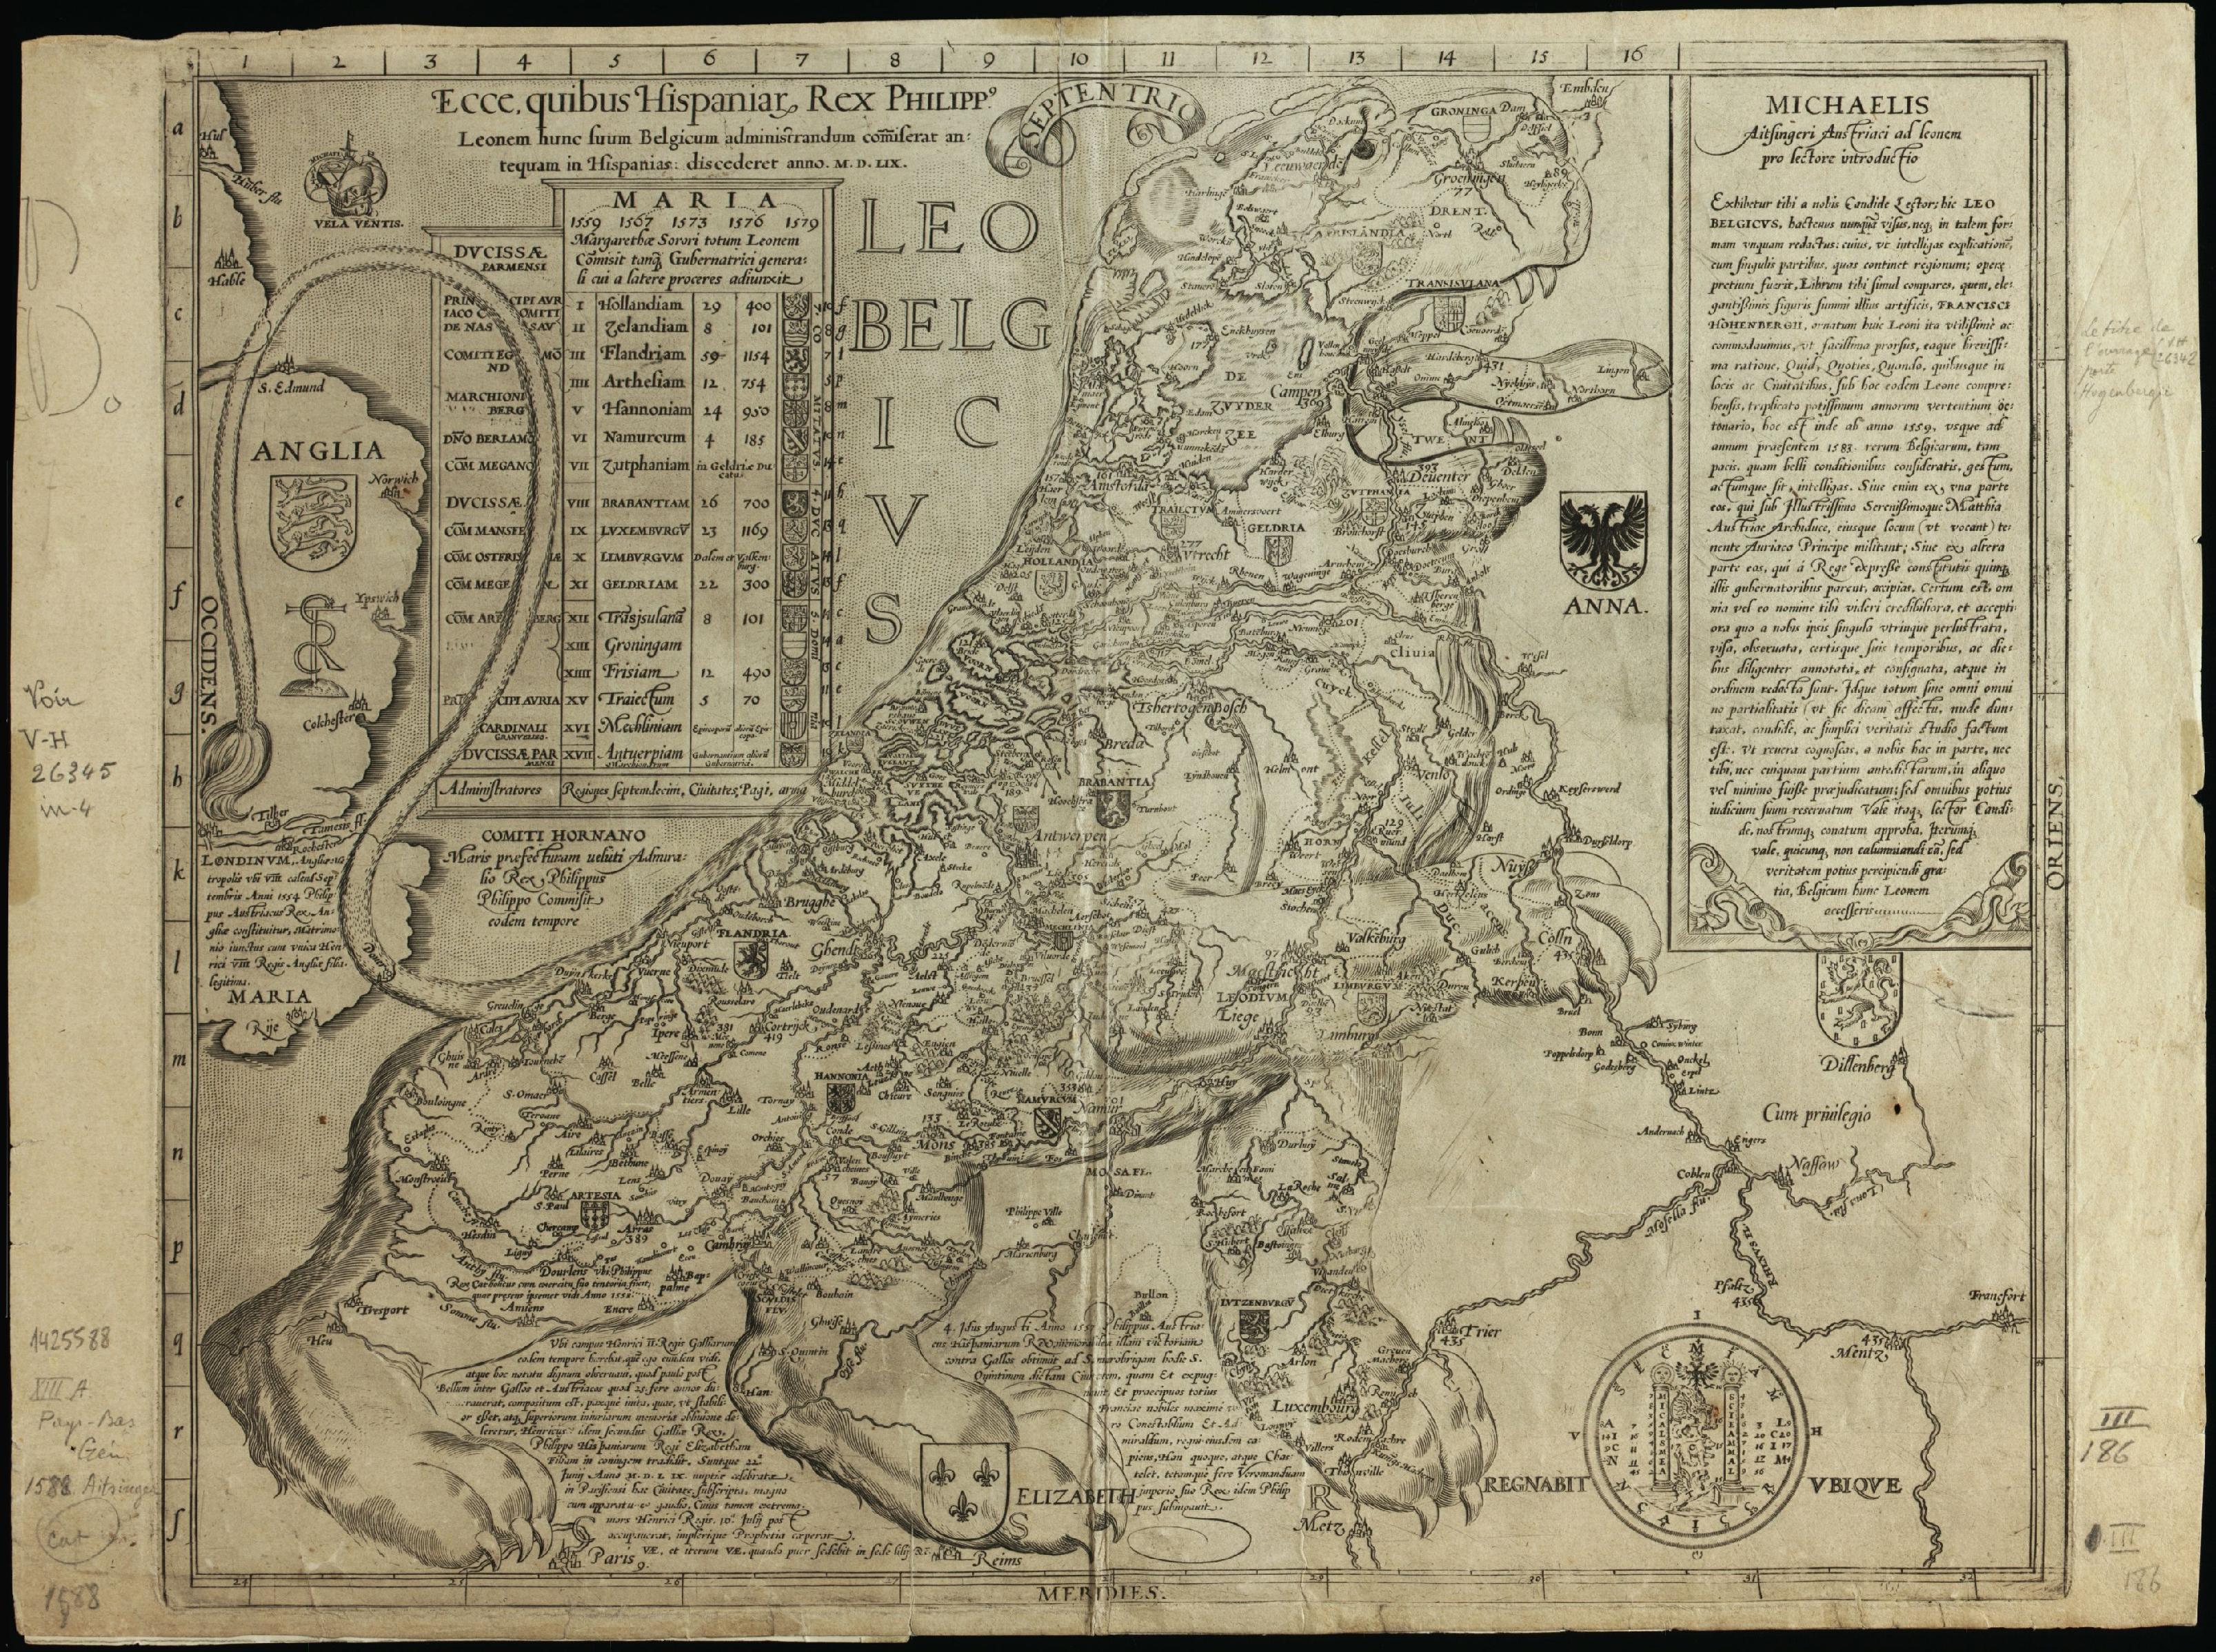 File:1583 Leo Belgicus Hogenberg.jpg